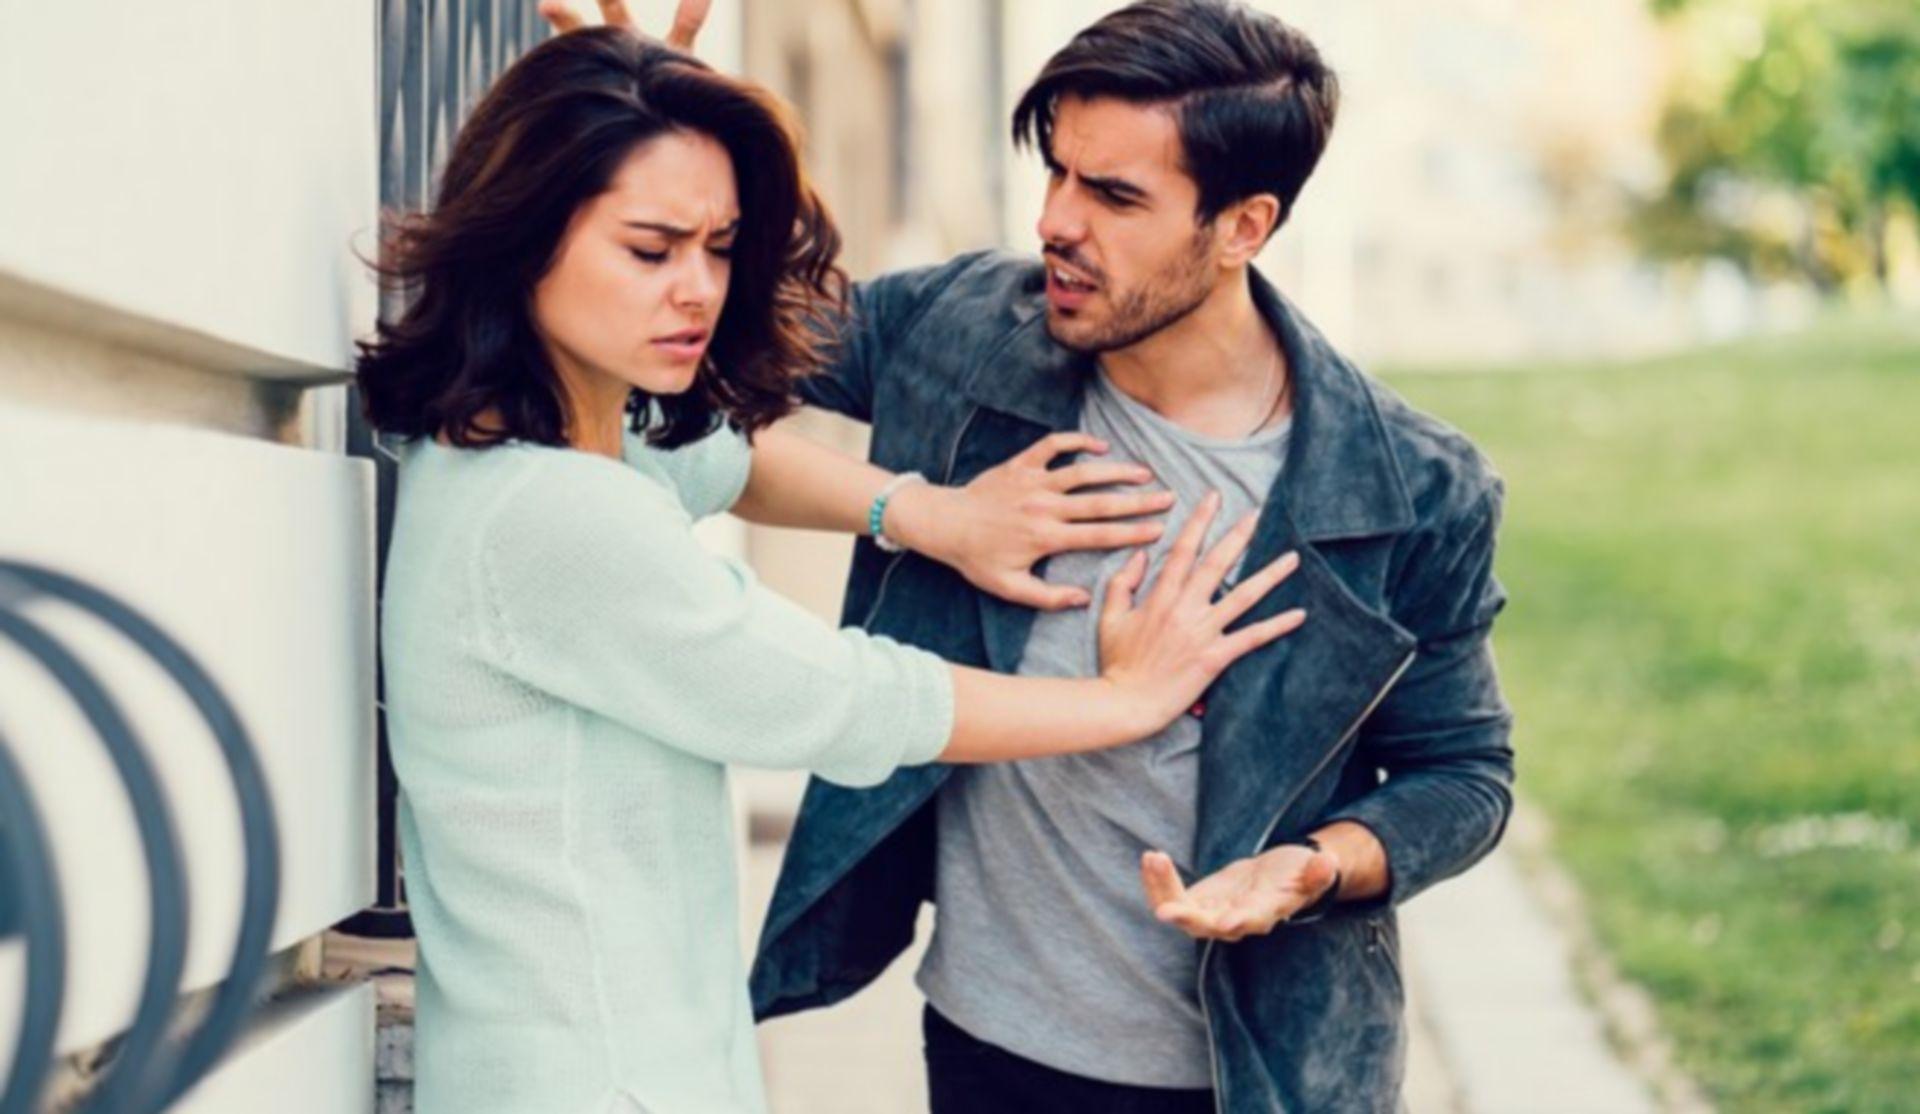 czy związek ma sznasę